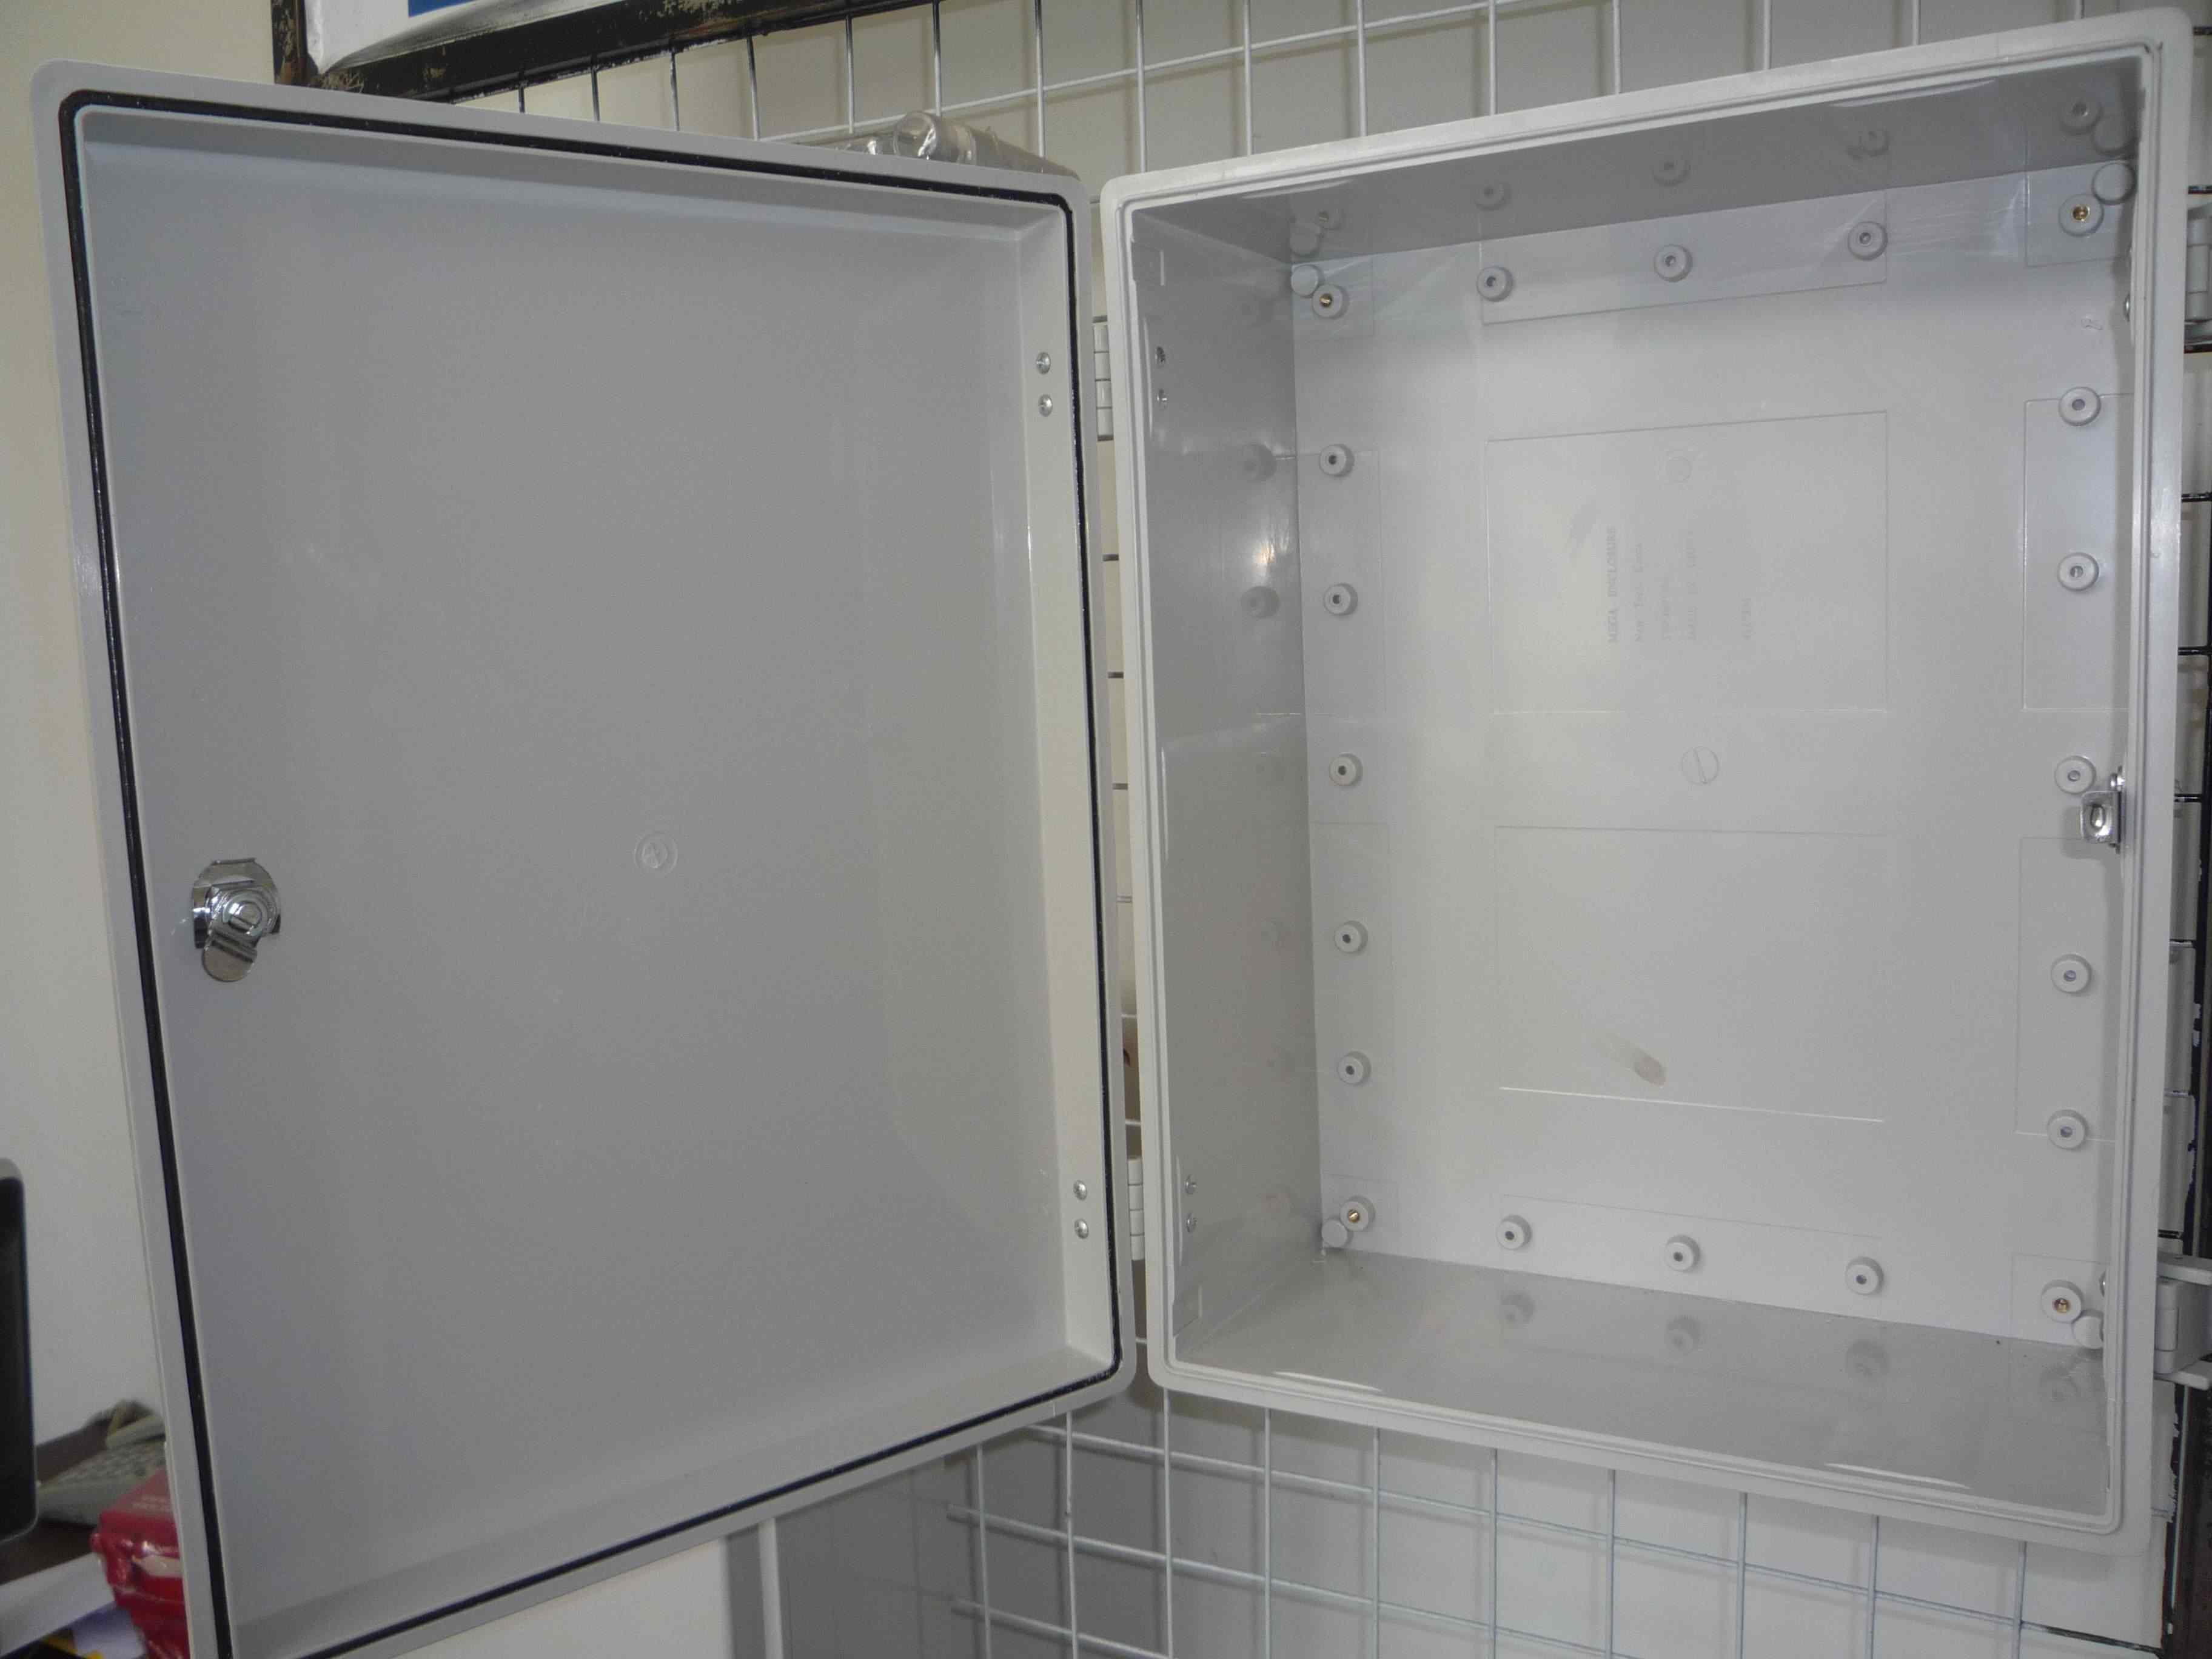 消防报警按钮盒,消防专用防水接线盒,防水开关盒(箱),防水控制盒(箱)